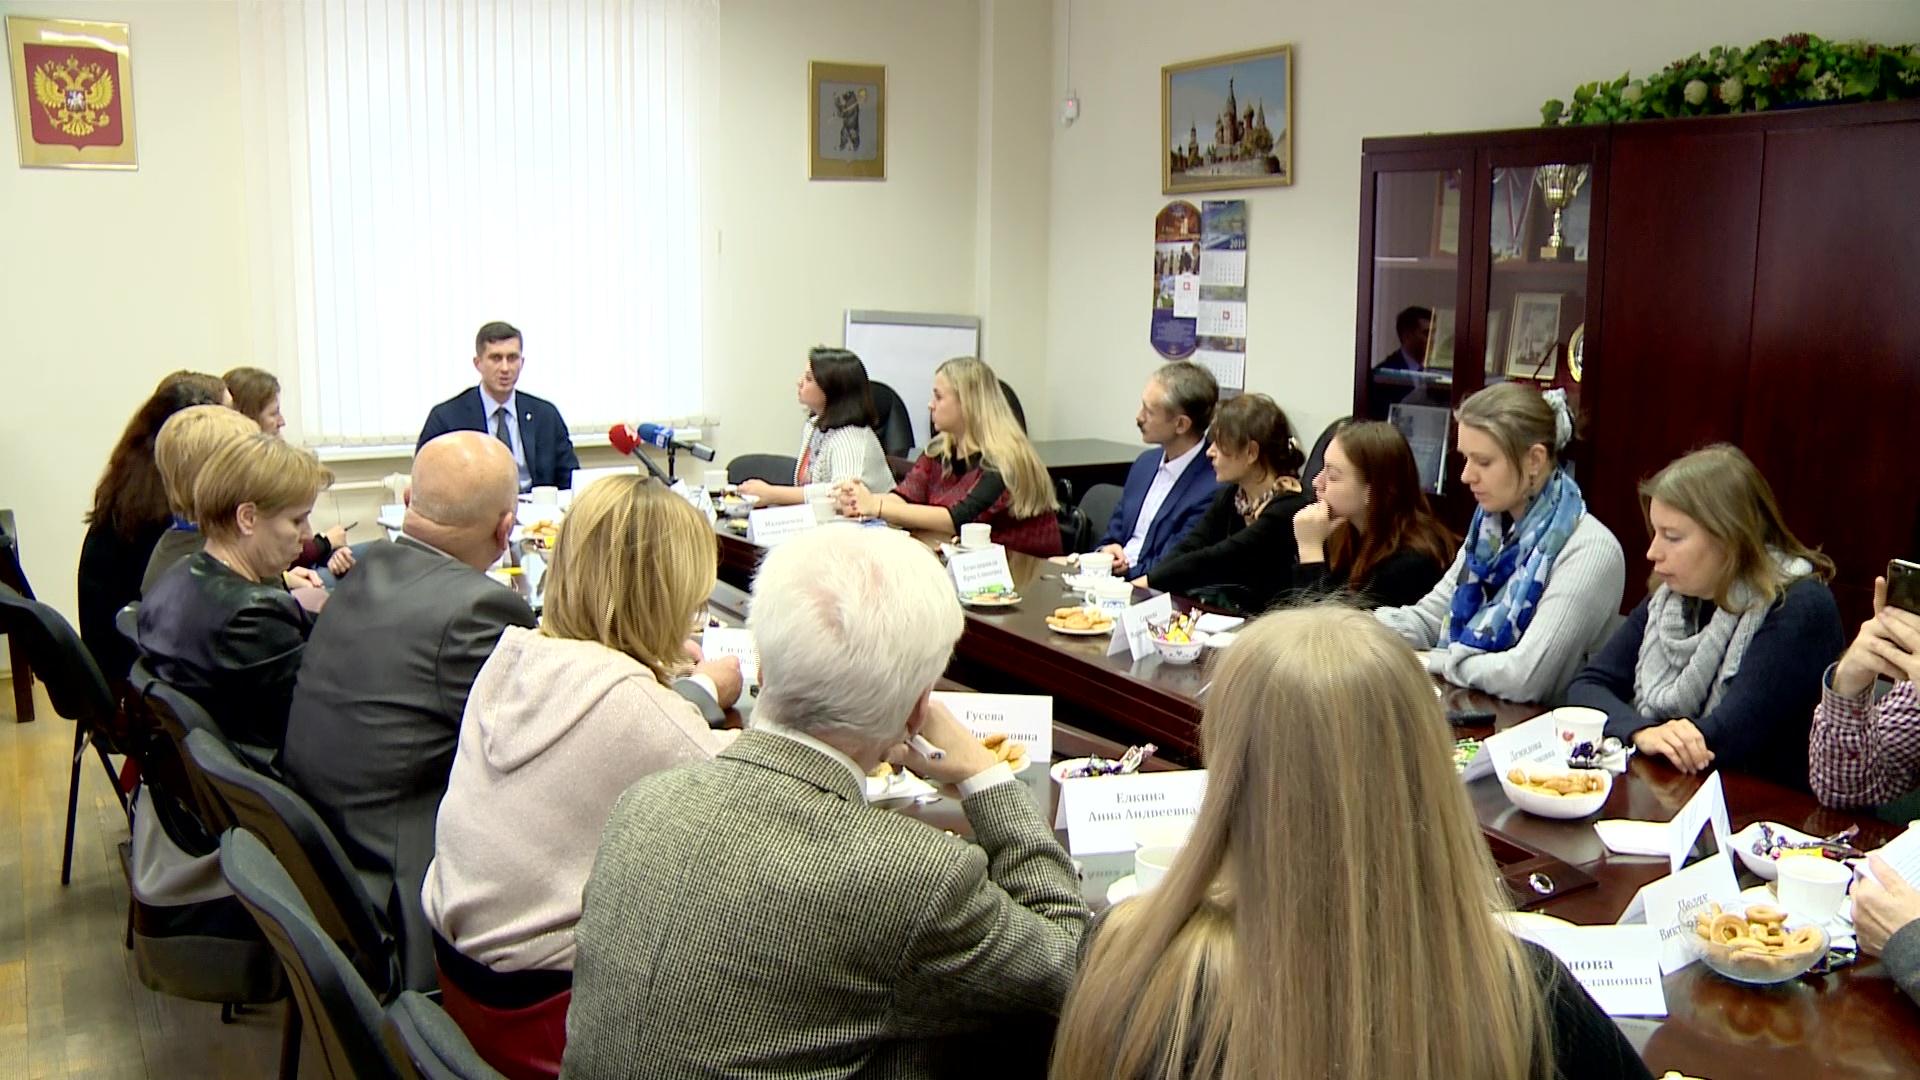 Председатель муниципалитета Ярославля провел встречу с представителями областных СМИ